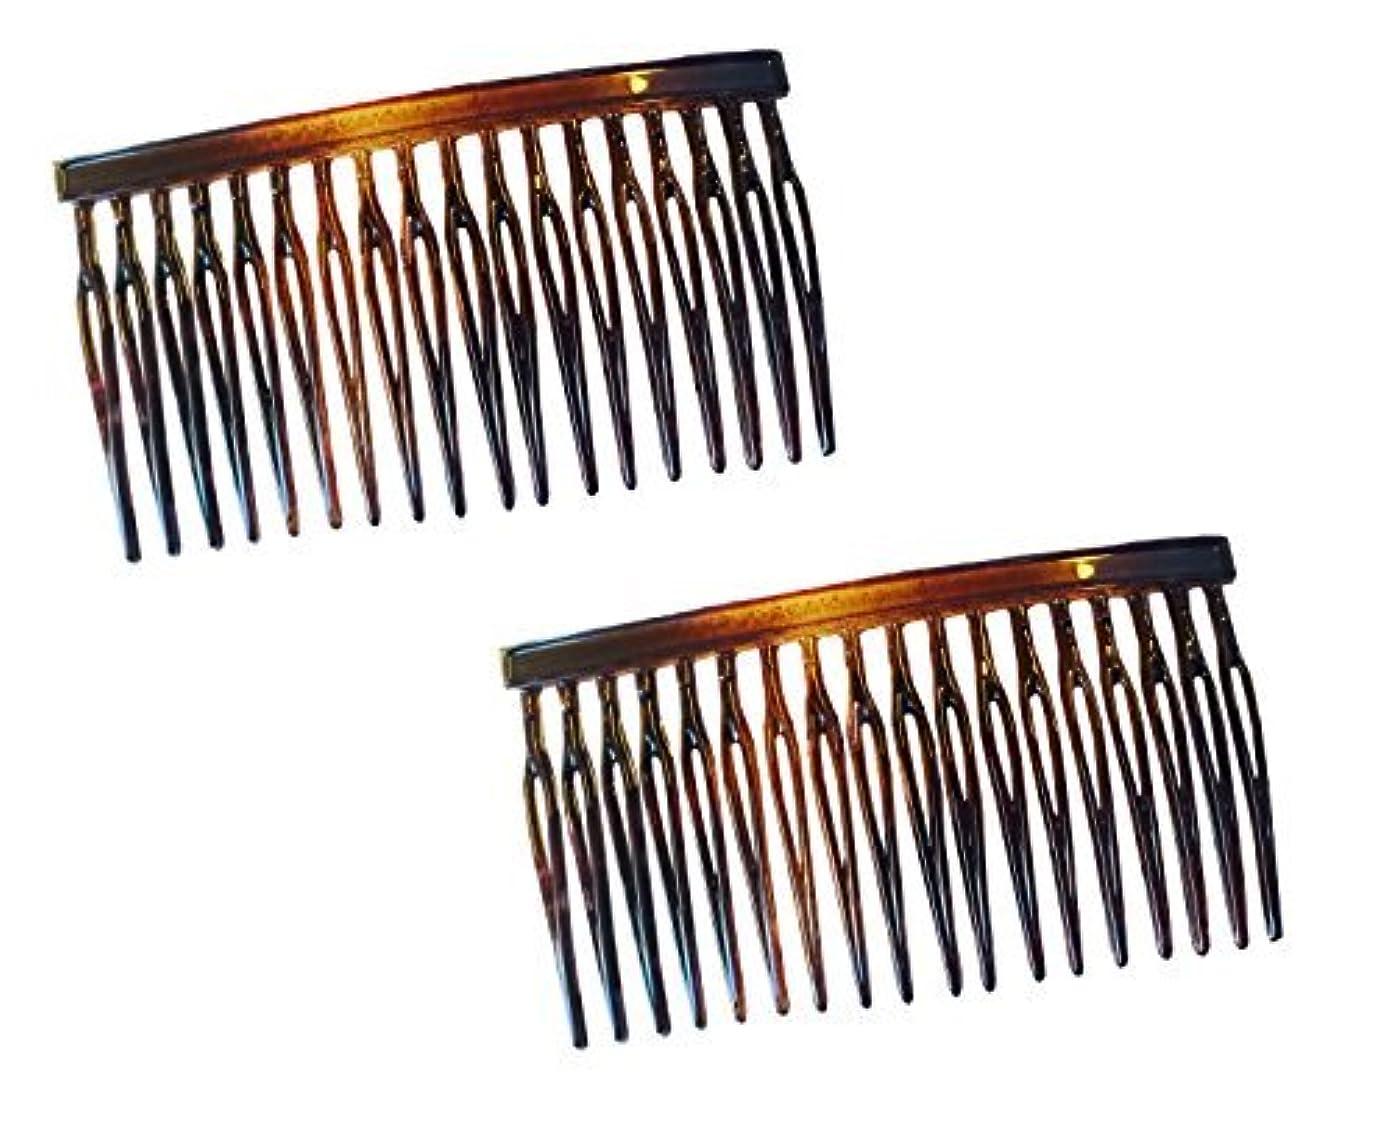 時期尚早興奮私のParcelona French Light 2 Pieces Small Glossy Celluloid Shell Good Grip Updo 18 Teeth Side Hair Comb Combs [並行輸入品]